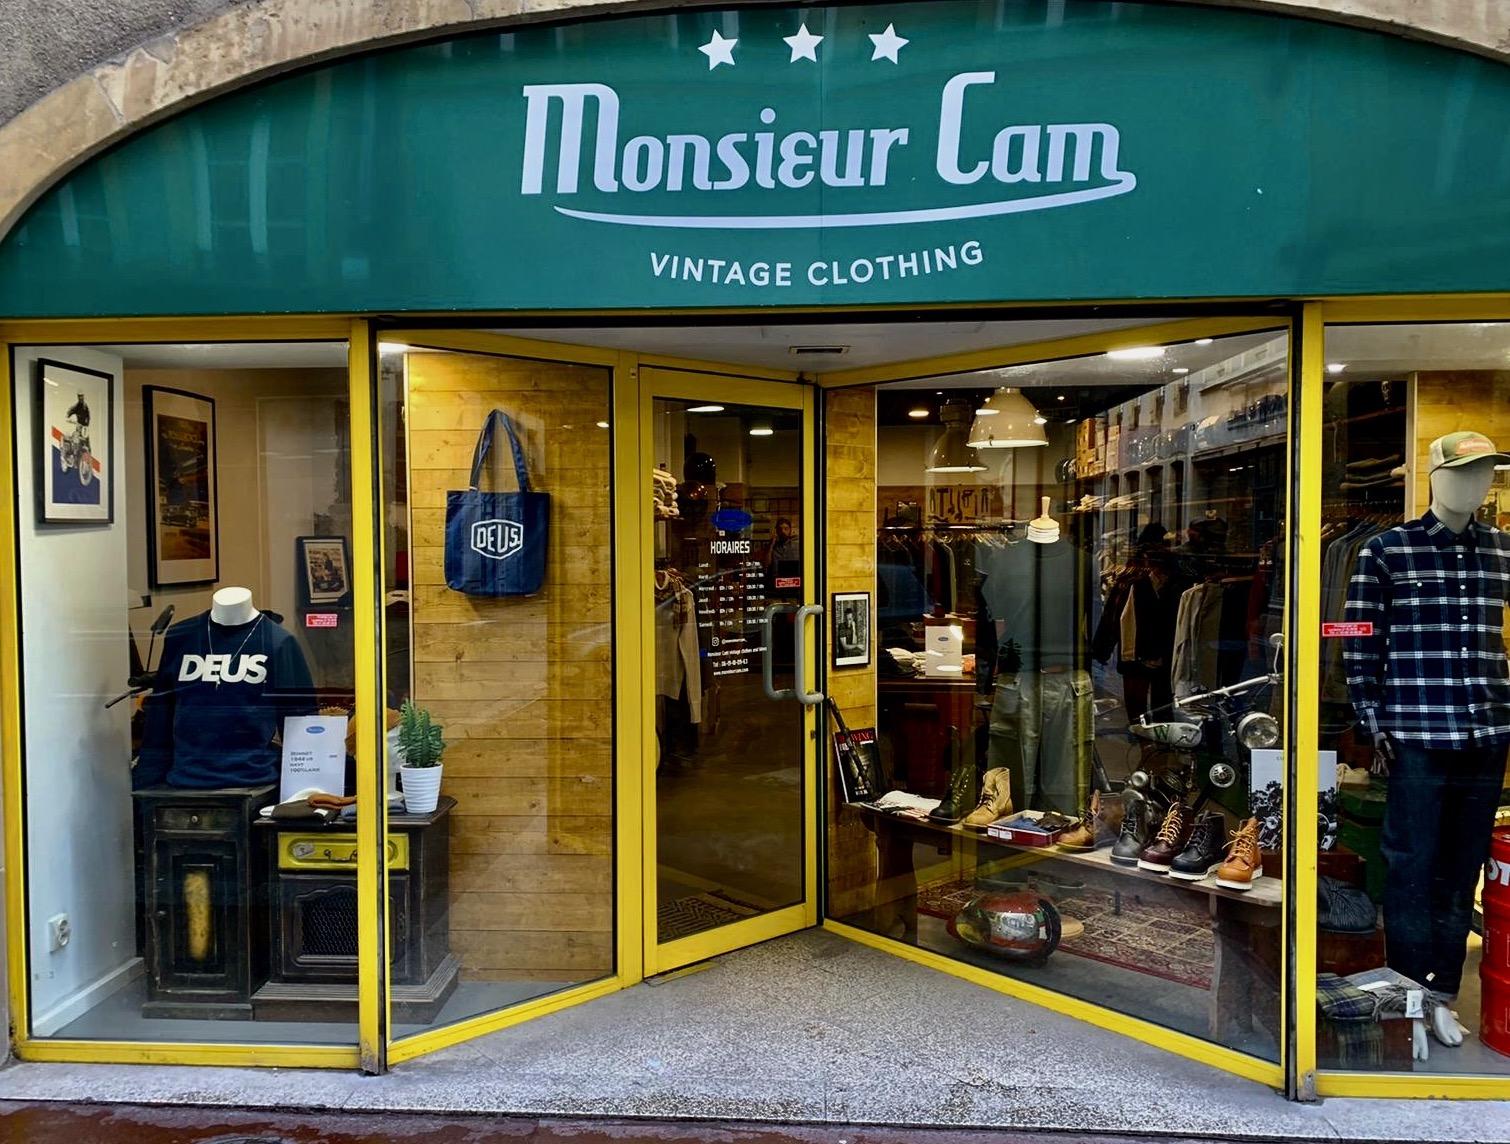 Monsieur Cam